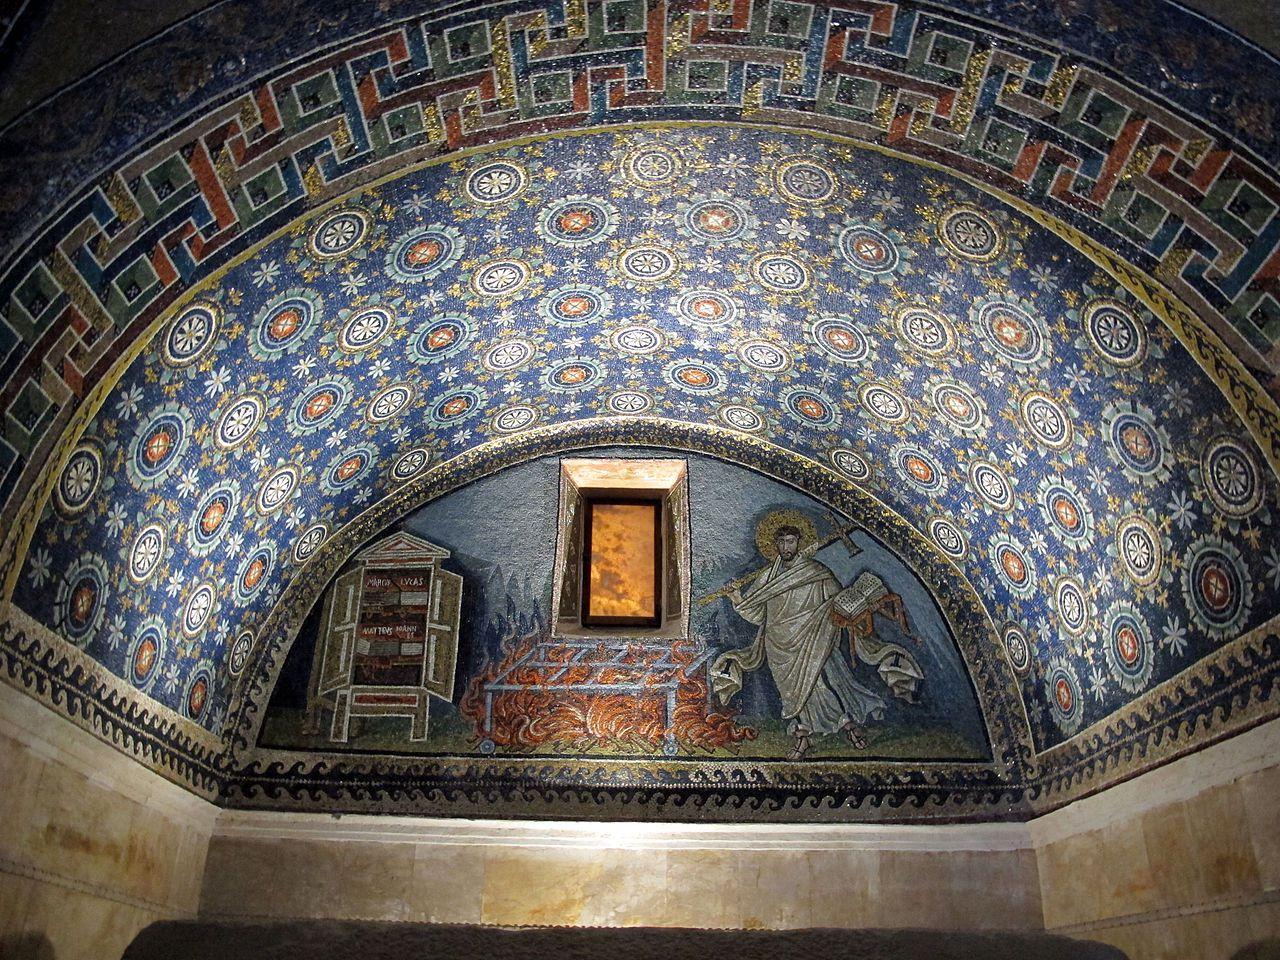 Le Martyre de Saint-Laurent, Mausolée de Galla Placidia, Ravenne, Italie